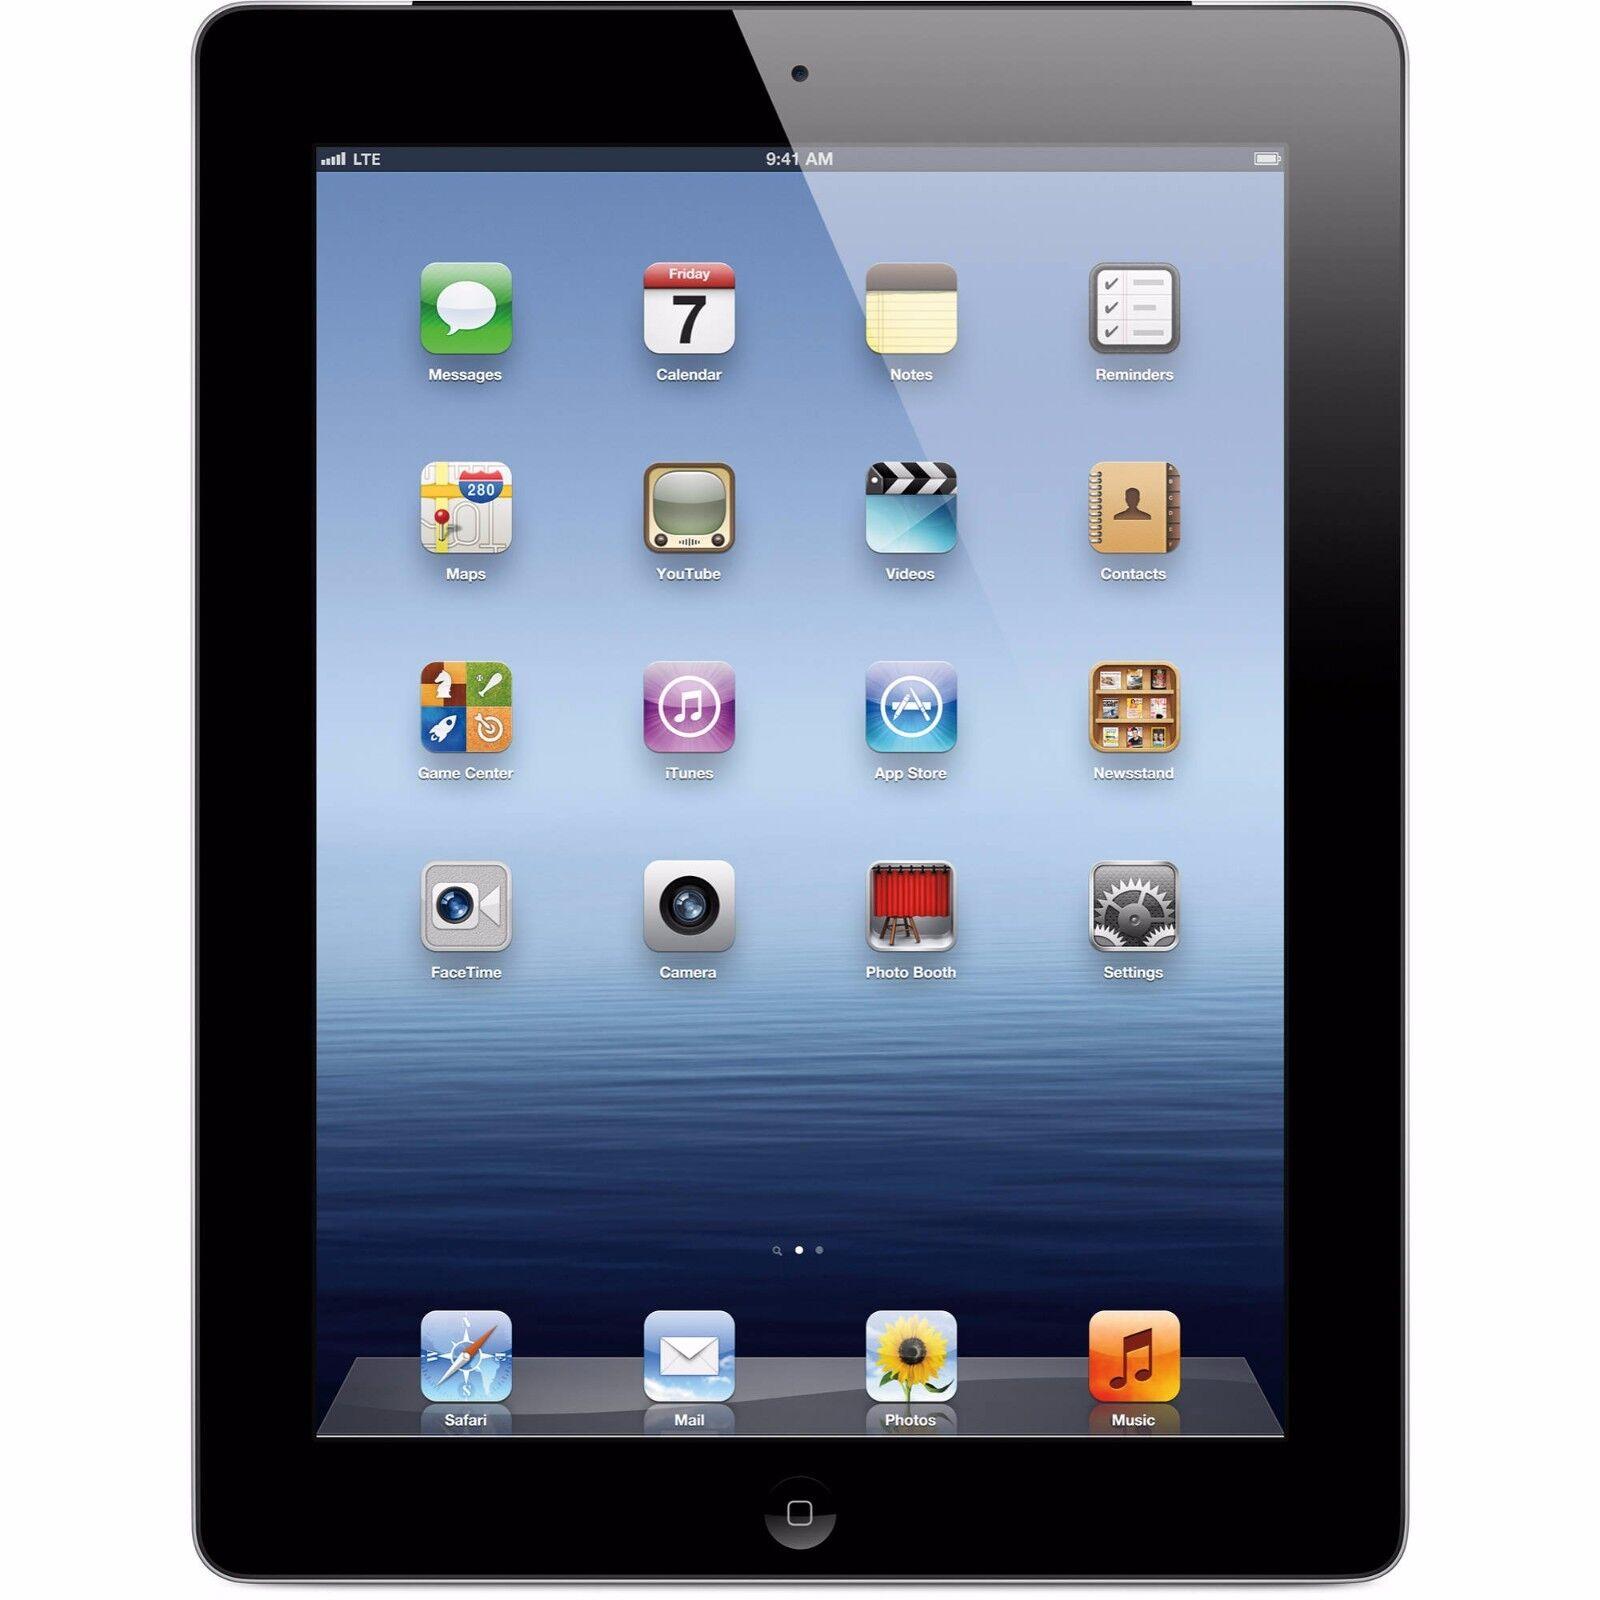 Apple iPad 2 32GB, Wi-Fi + 3G AT&T (Unlocked), 9.7in - Black (R-D)